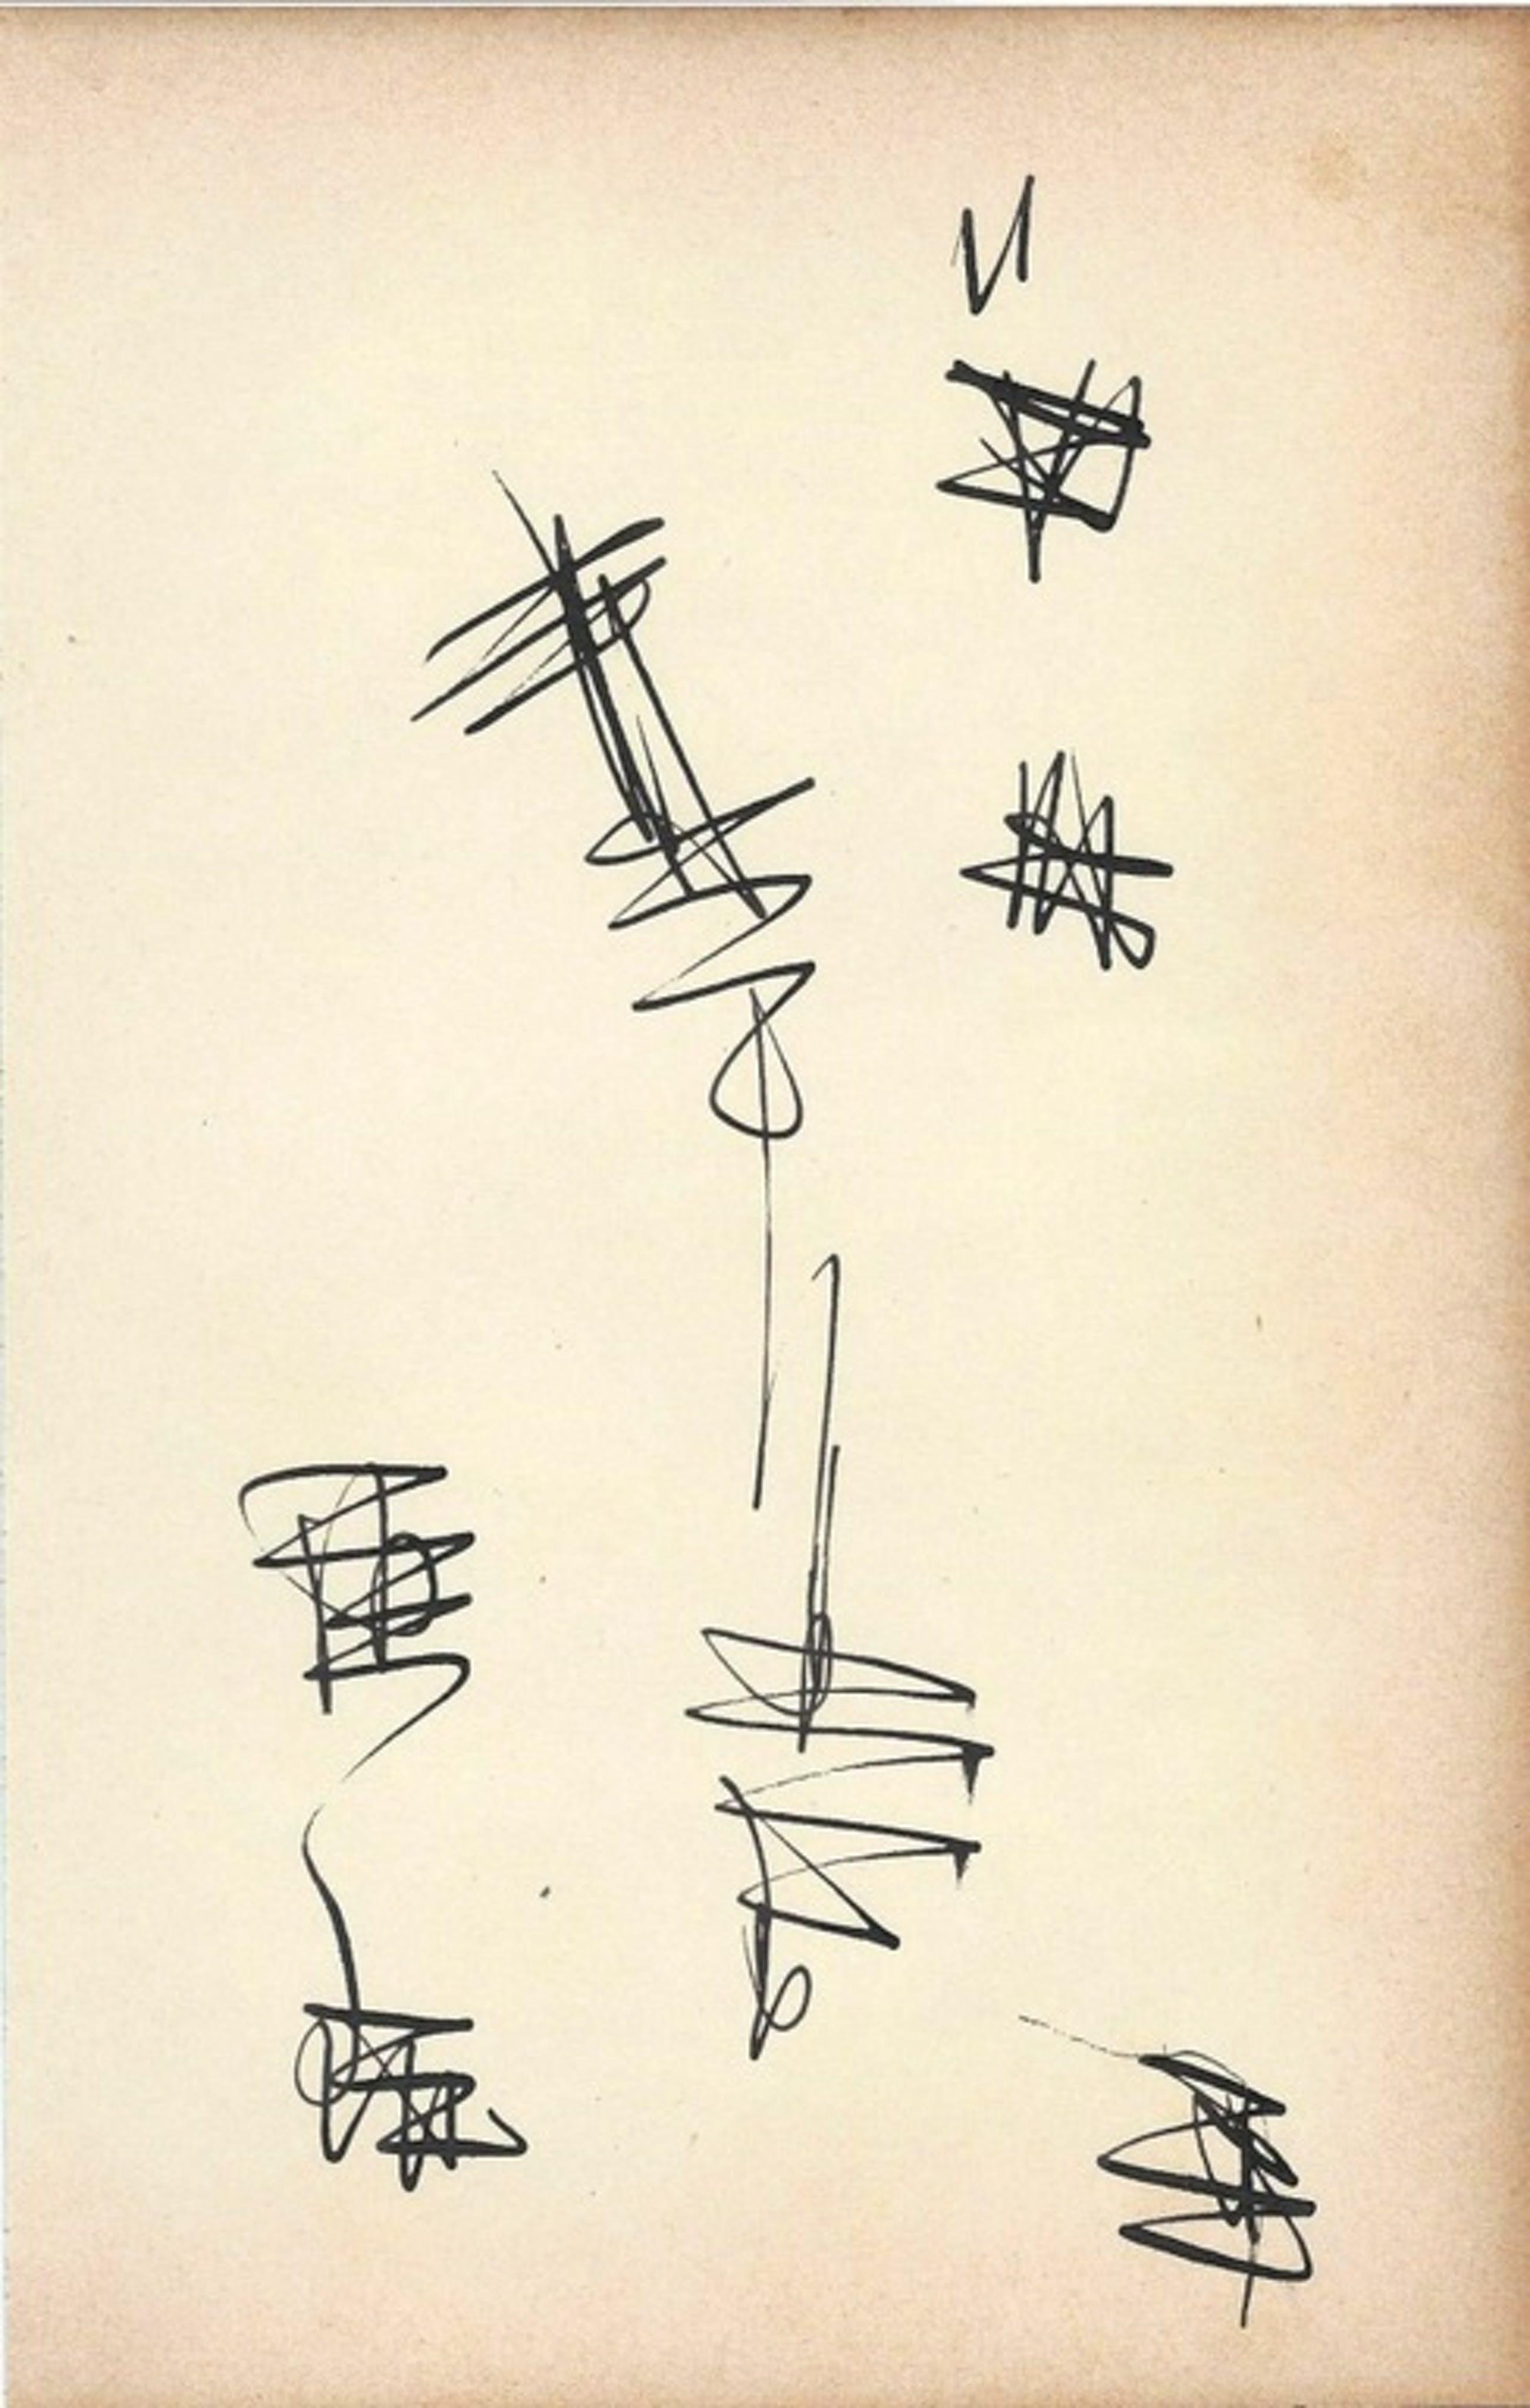 Siep van den Berg : compositie (originele inkttekening) kopen? Bied vanaf 1!